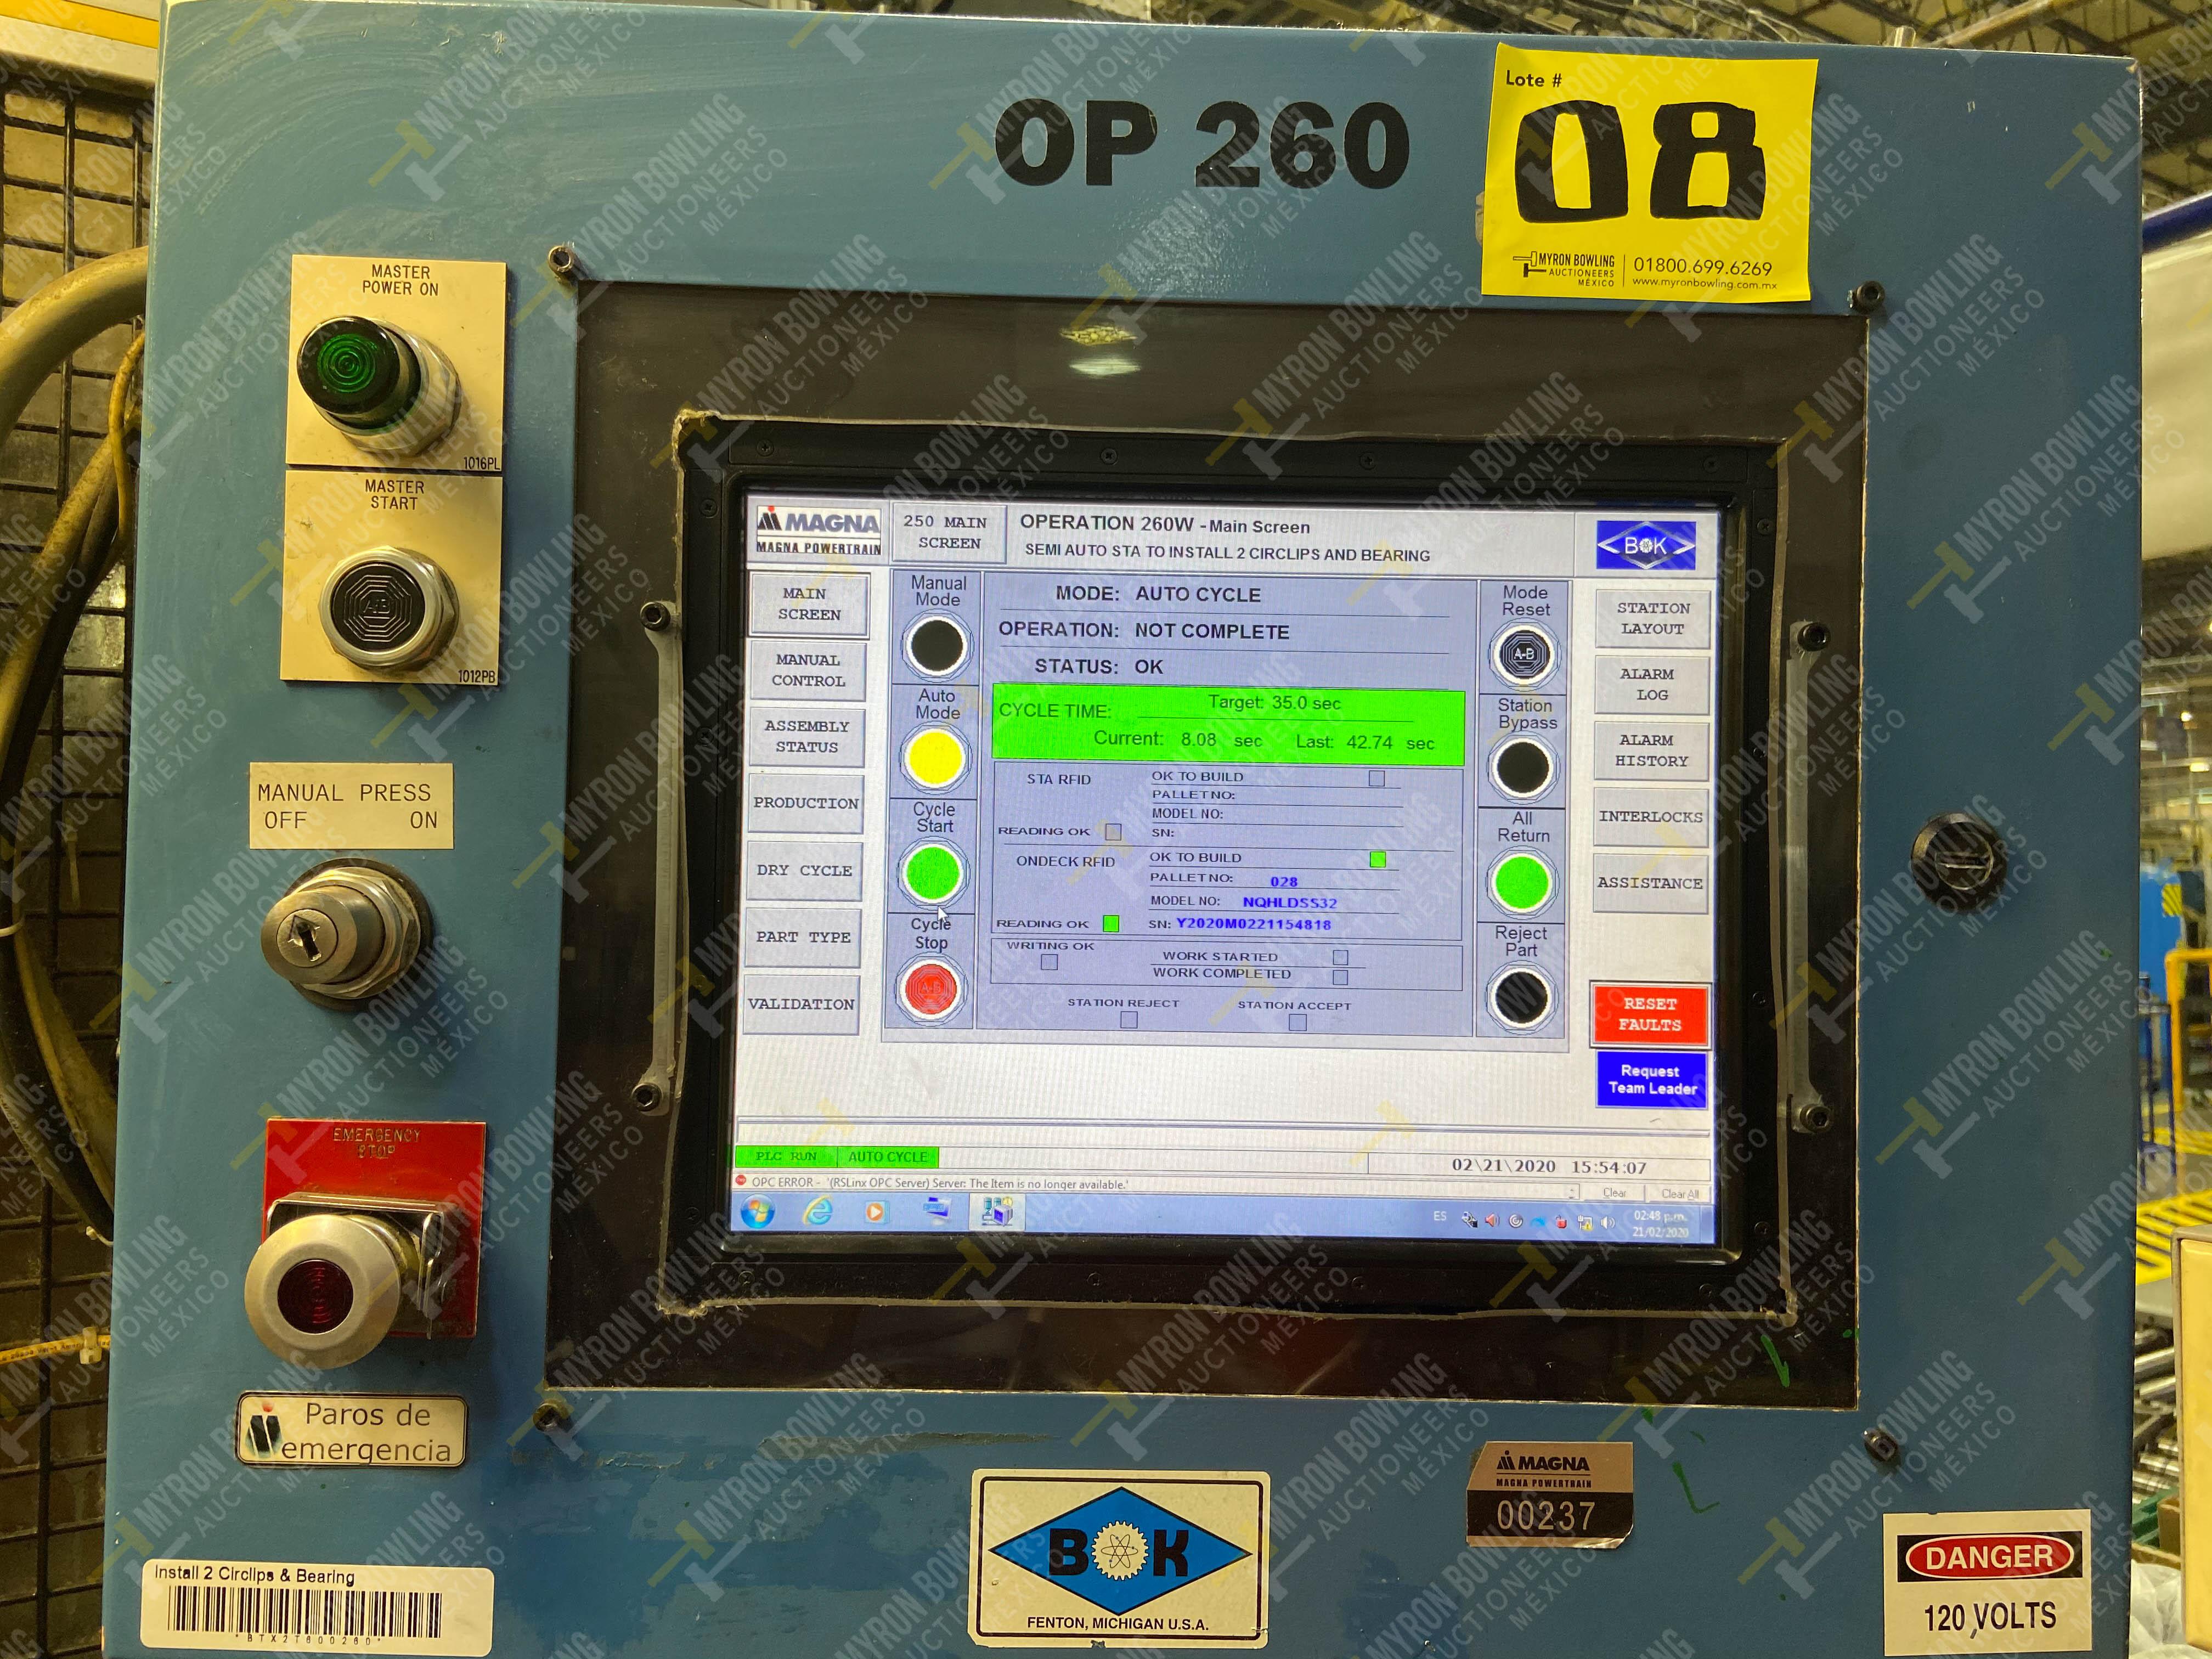 Estación semiautomática para operación 260 de ensamble - Image 19 of 20